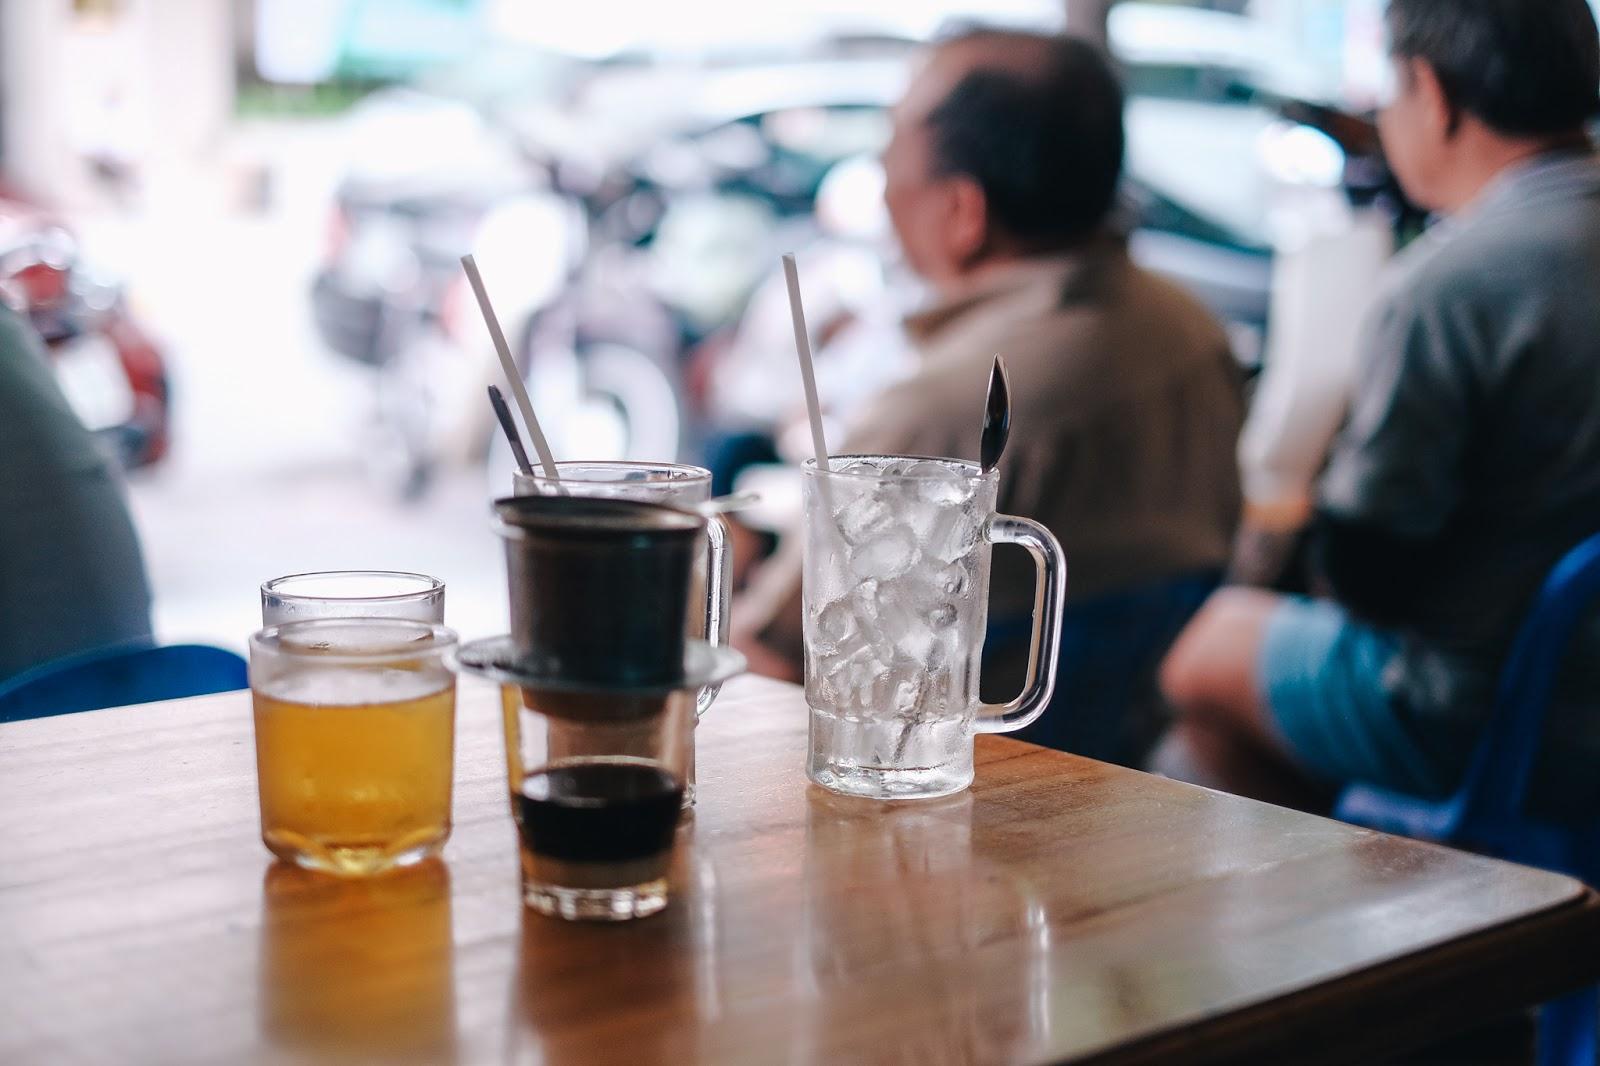 Là dân Sài Gòn, hãy giữ lấy phong cách sống của bạn